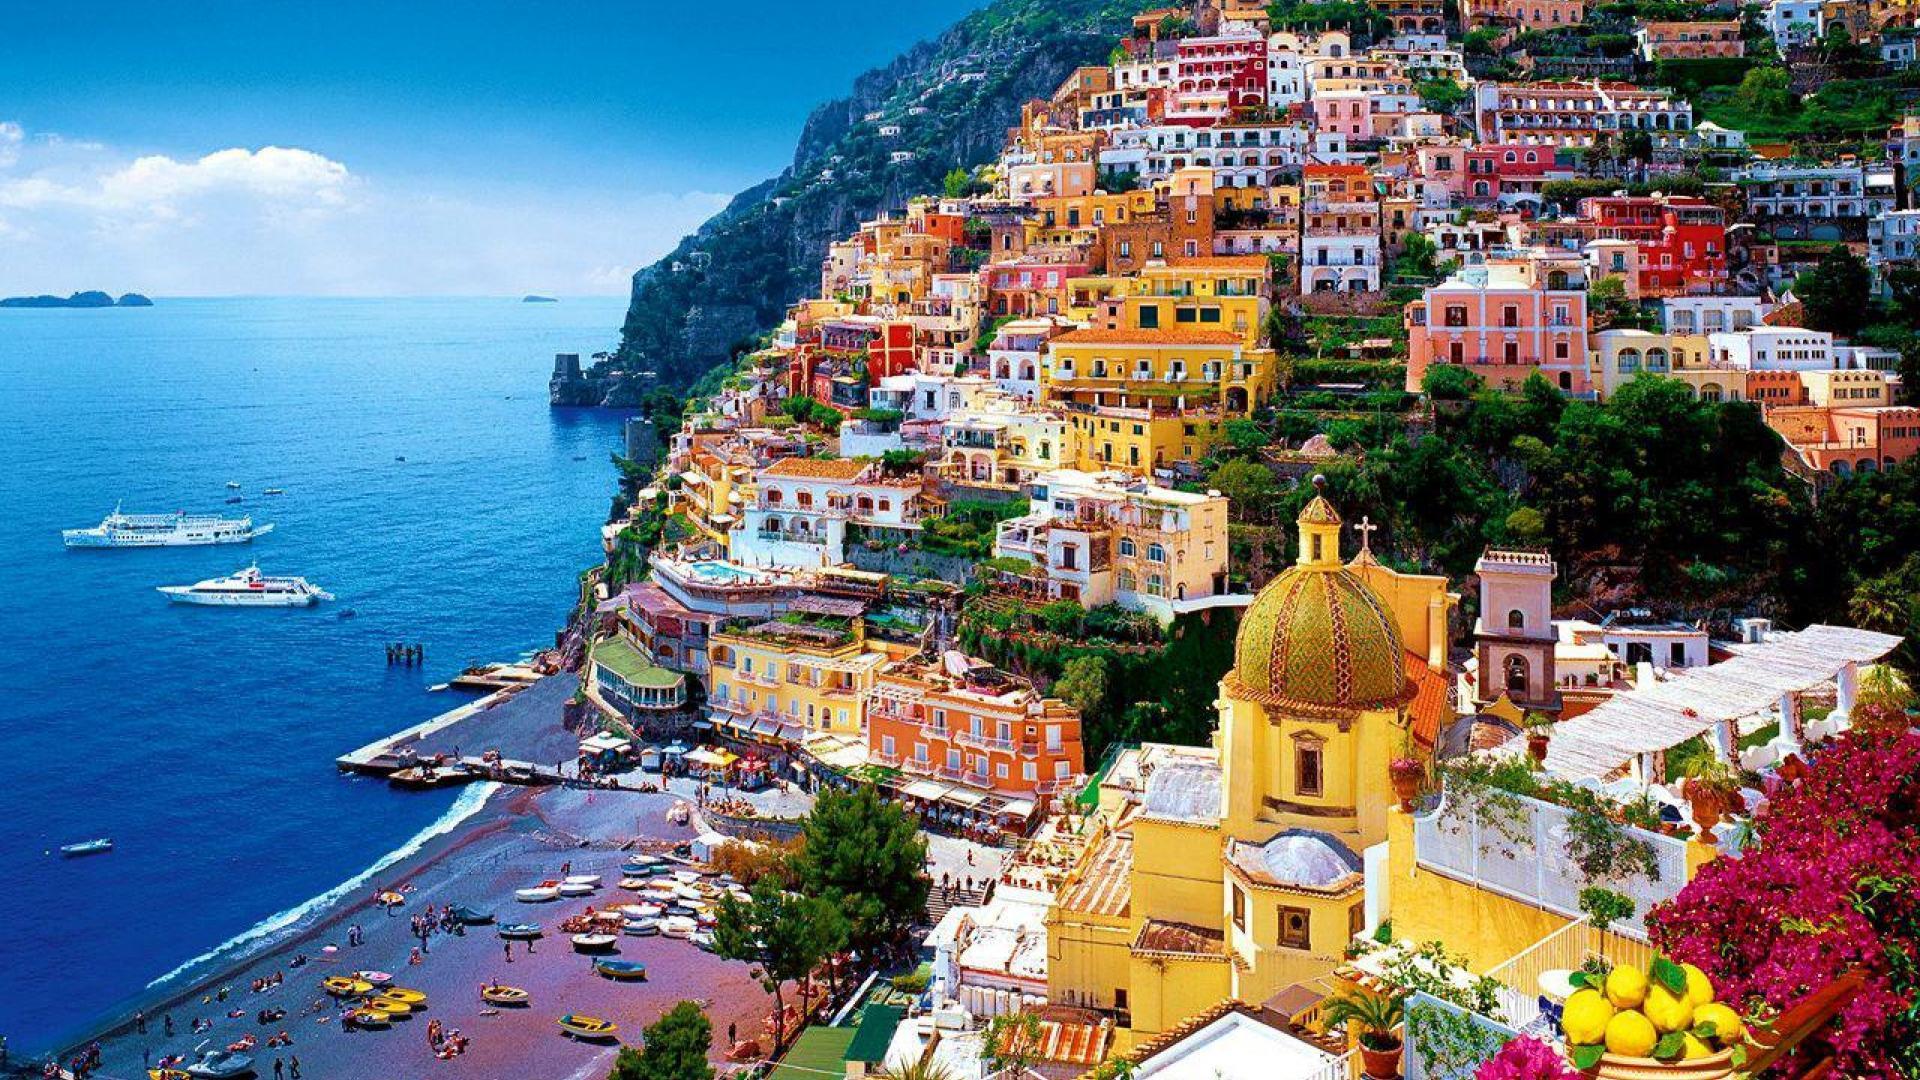 Cosa vedere in Costiera Amalfitana, da Positano a Vietri sul Mare